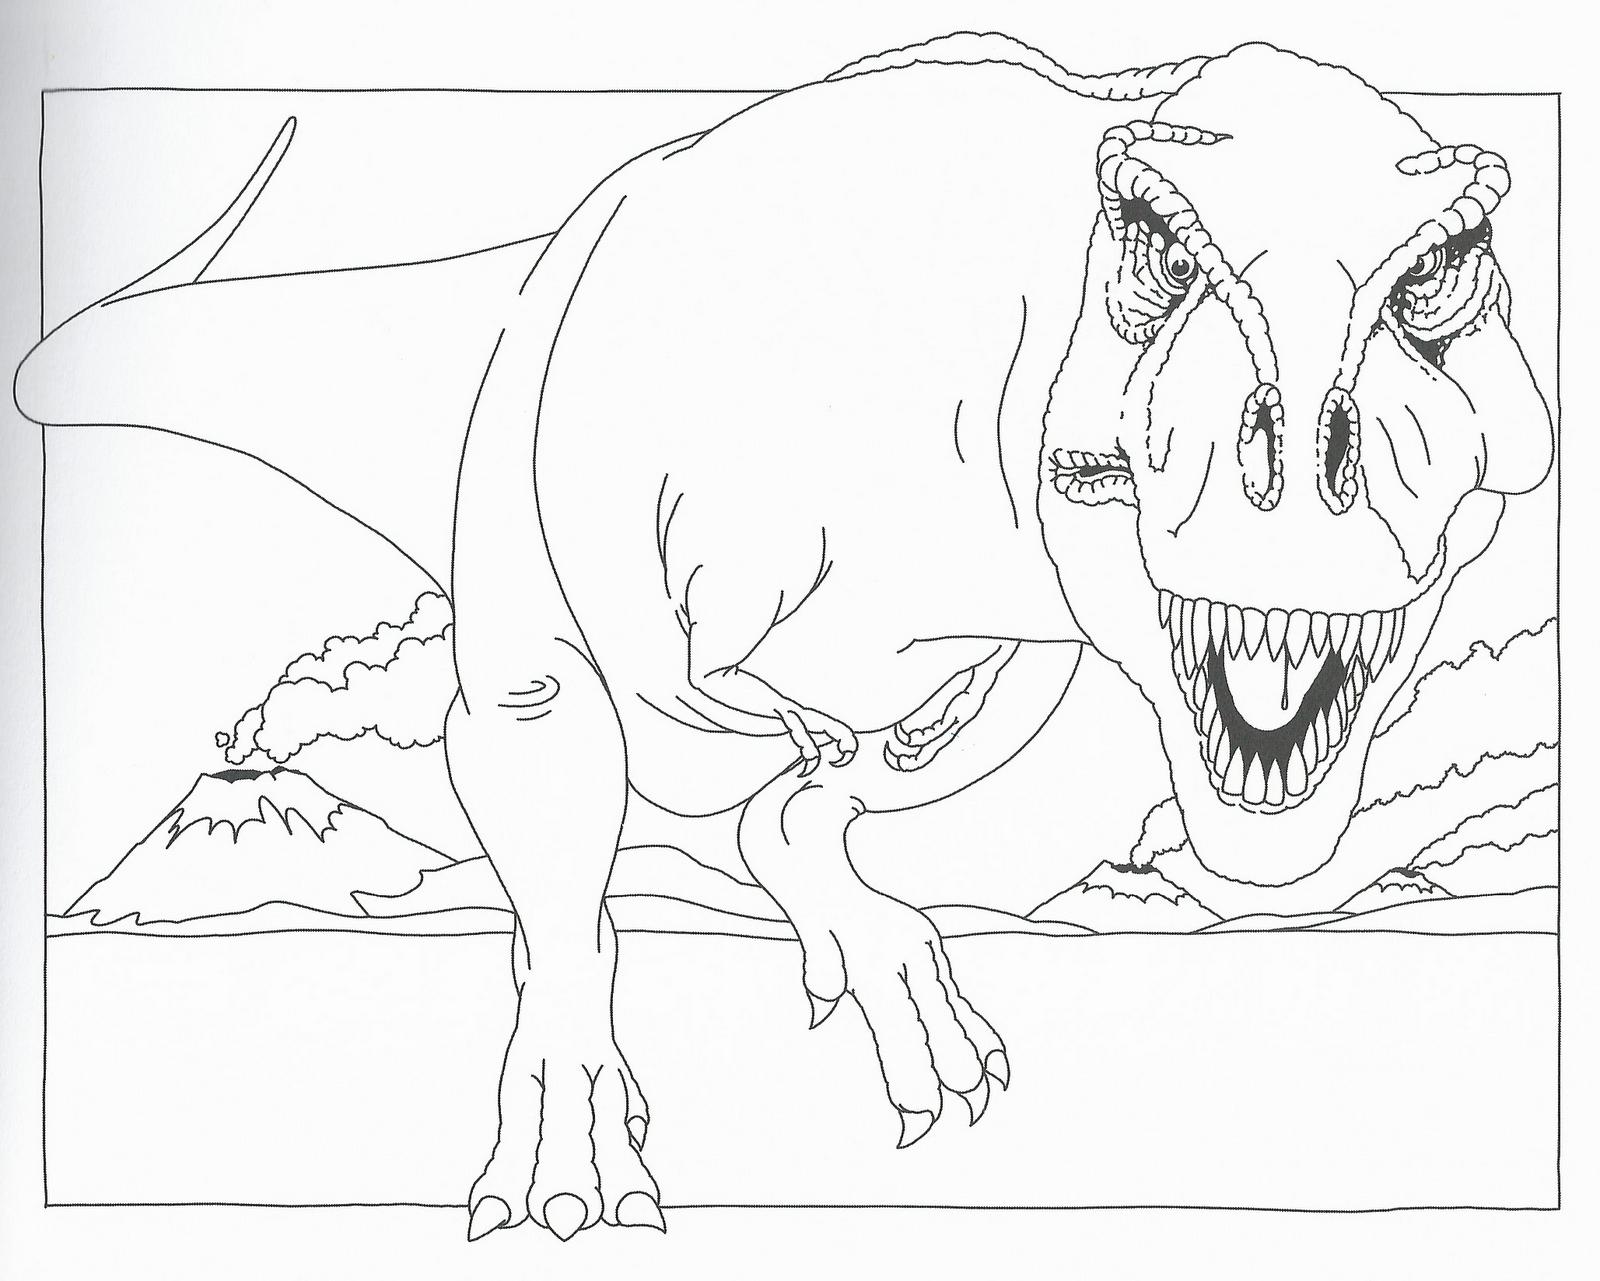 disegni da colorare disegni da colorare i dinosauri ForDisegni Da Colorare Dinosauri